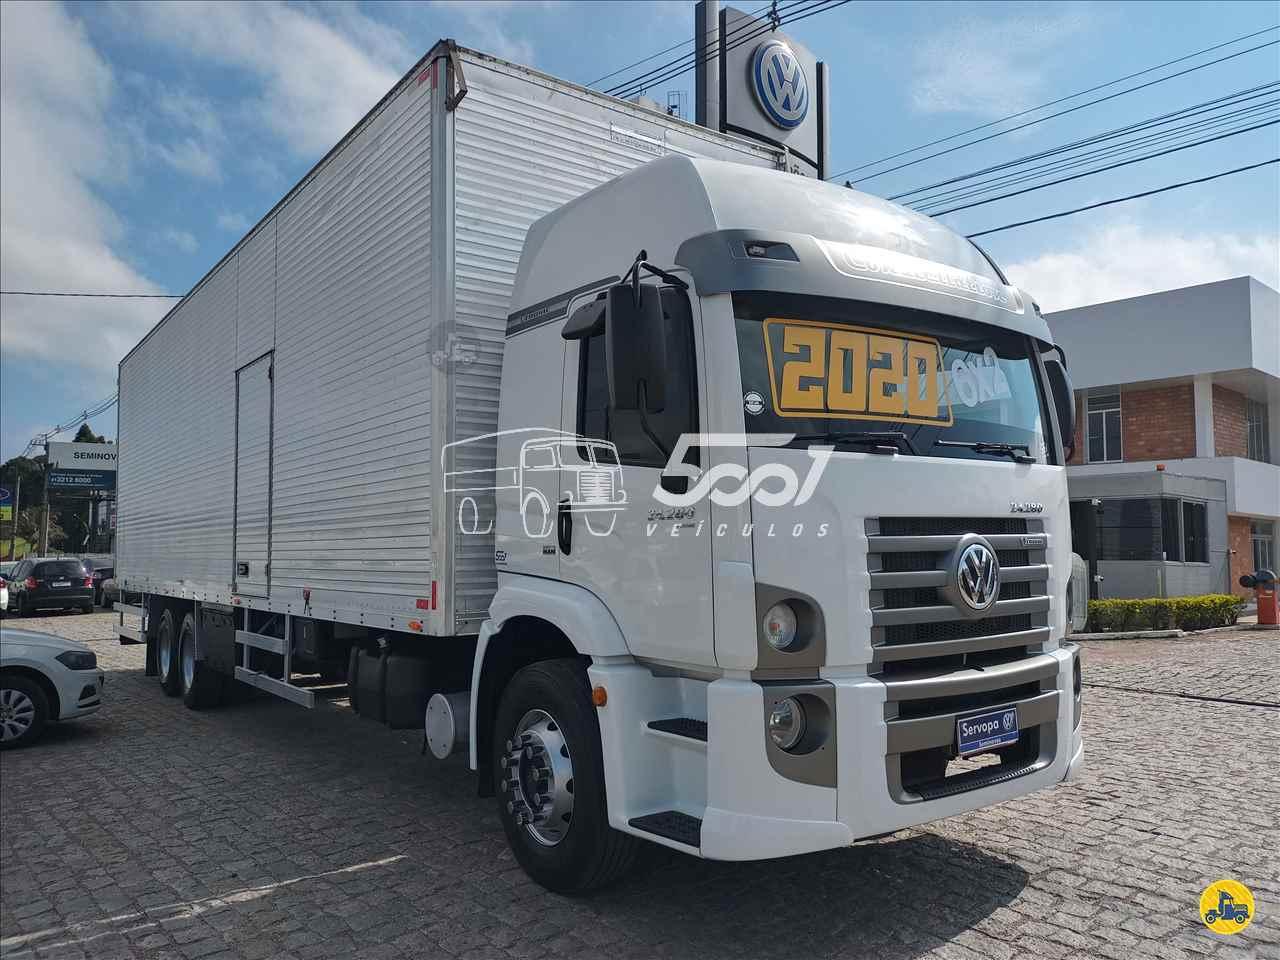 CAMINHAO VOLKSWAGEN VW 24280 Baú Furgão Truck 6x2 5001 Veículos - Curitiba CURITIBA PARANÁ PR